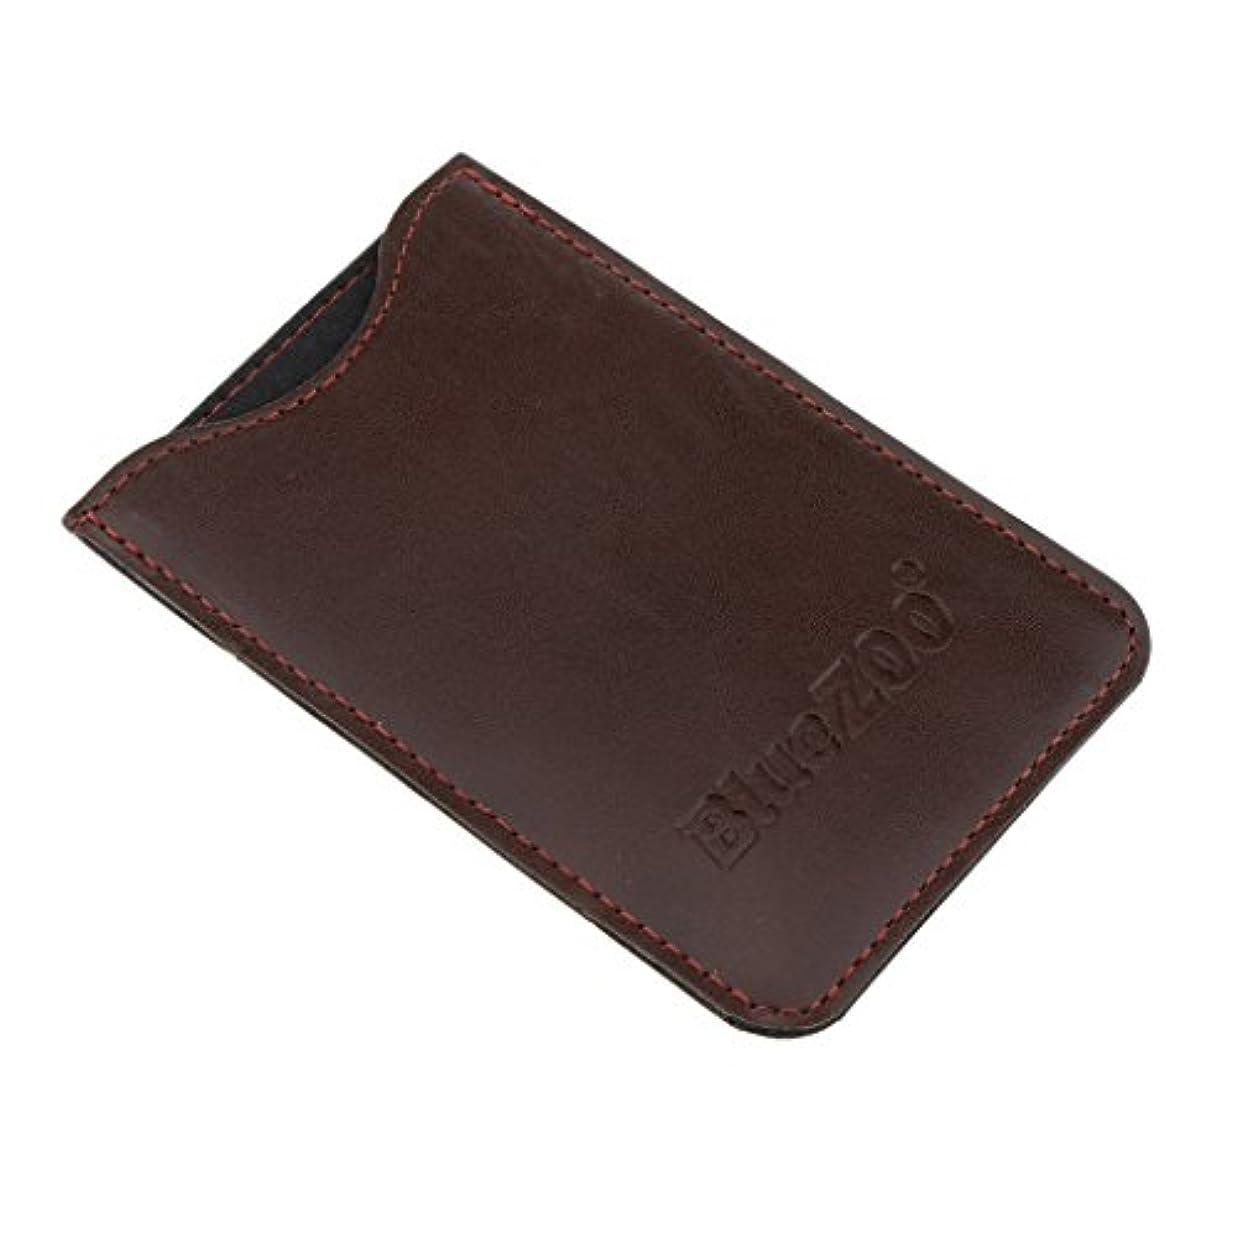 ジョージスティーブンソン眩惑するむしゃむしゃPerfeclan コンビバッグ PUレザー 櫛バッグ ポケット オーガナイザー 収納ケース 保護カバー パック 全2色 - 褐色